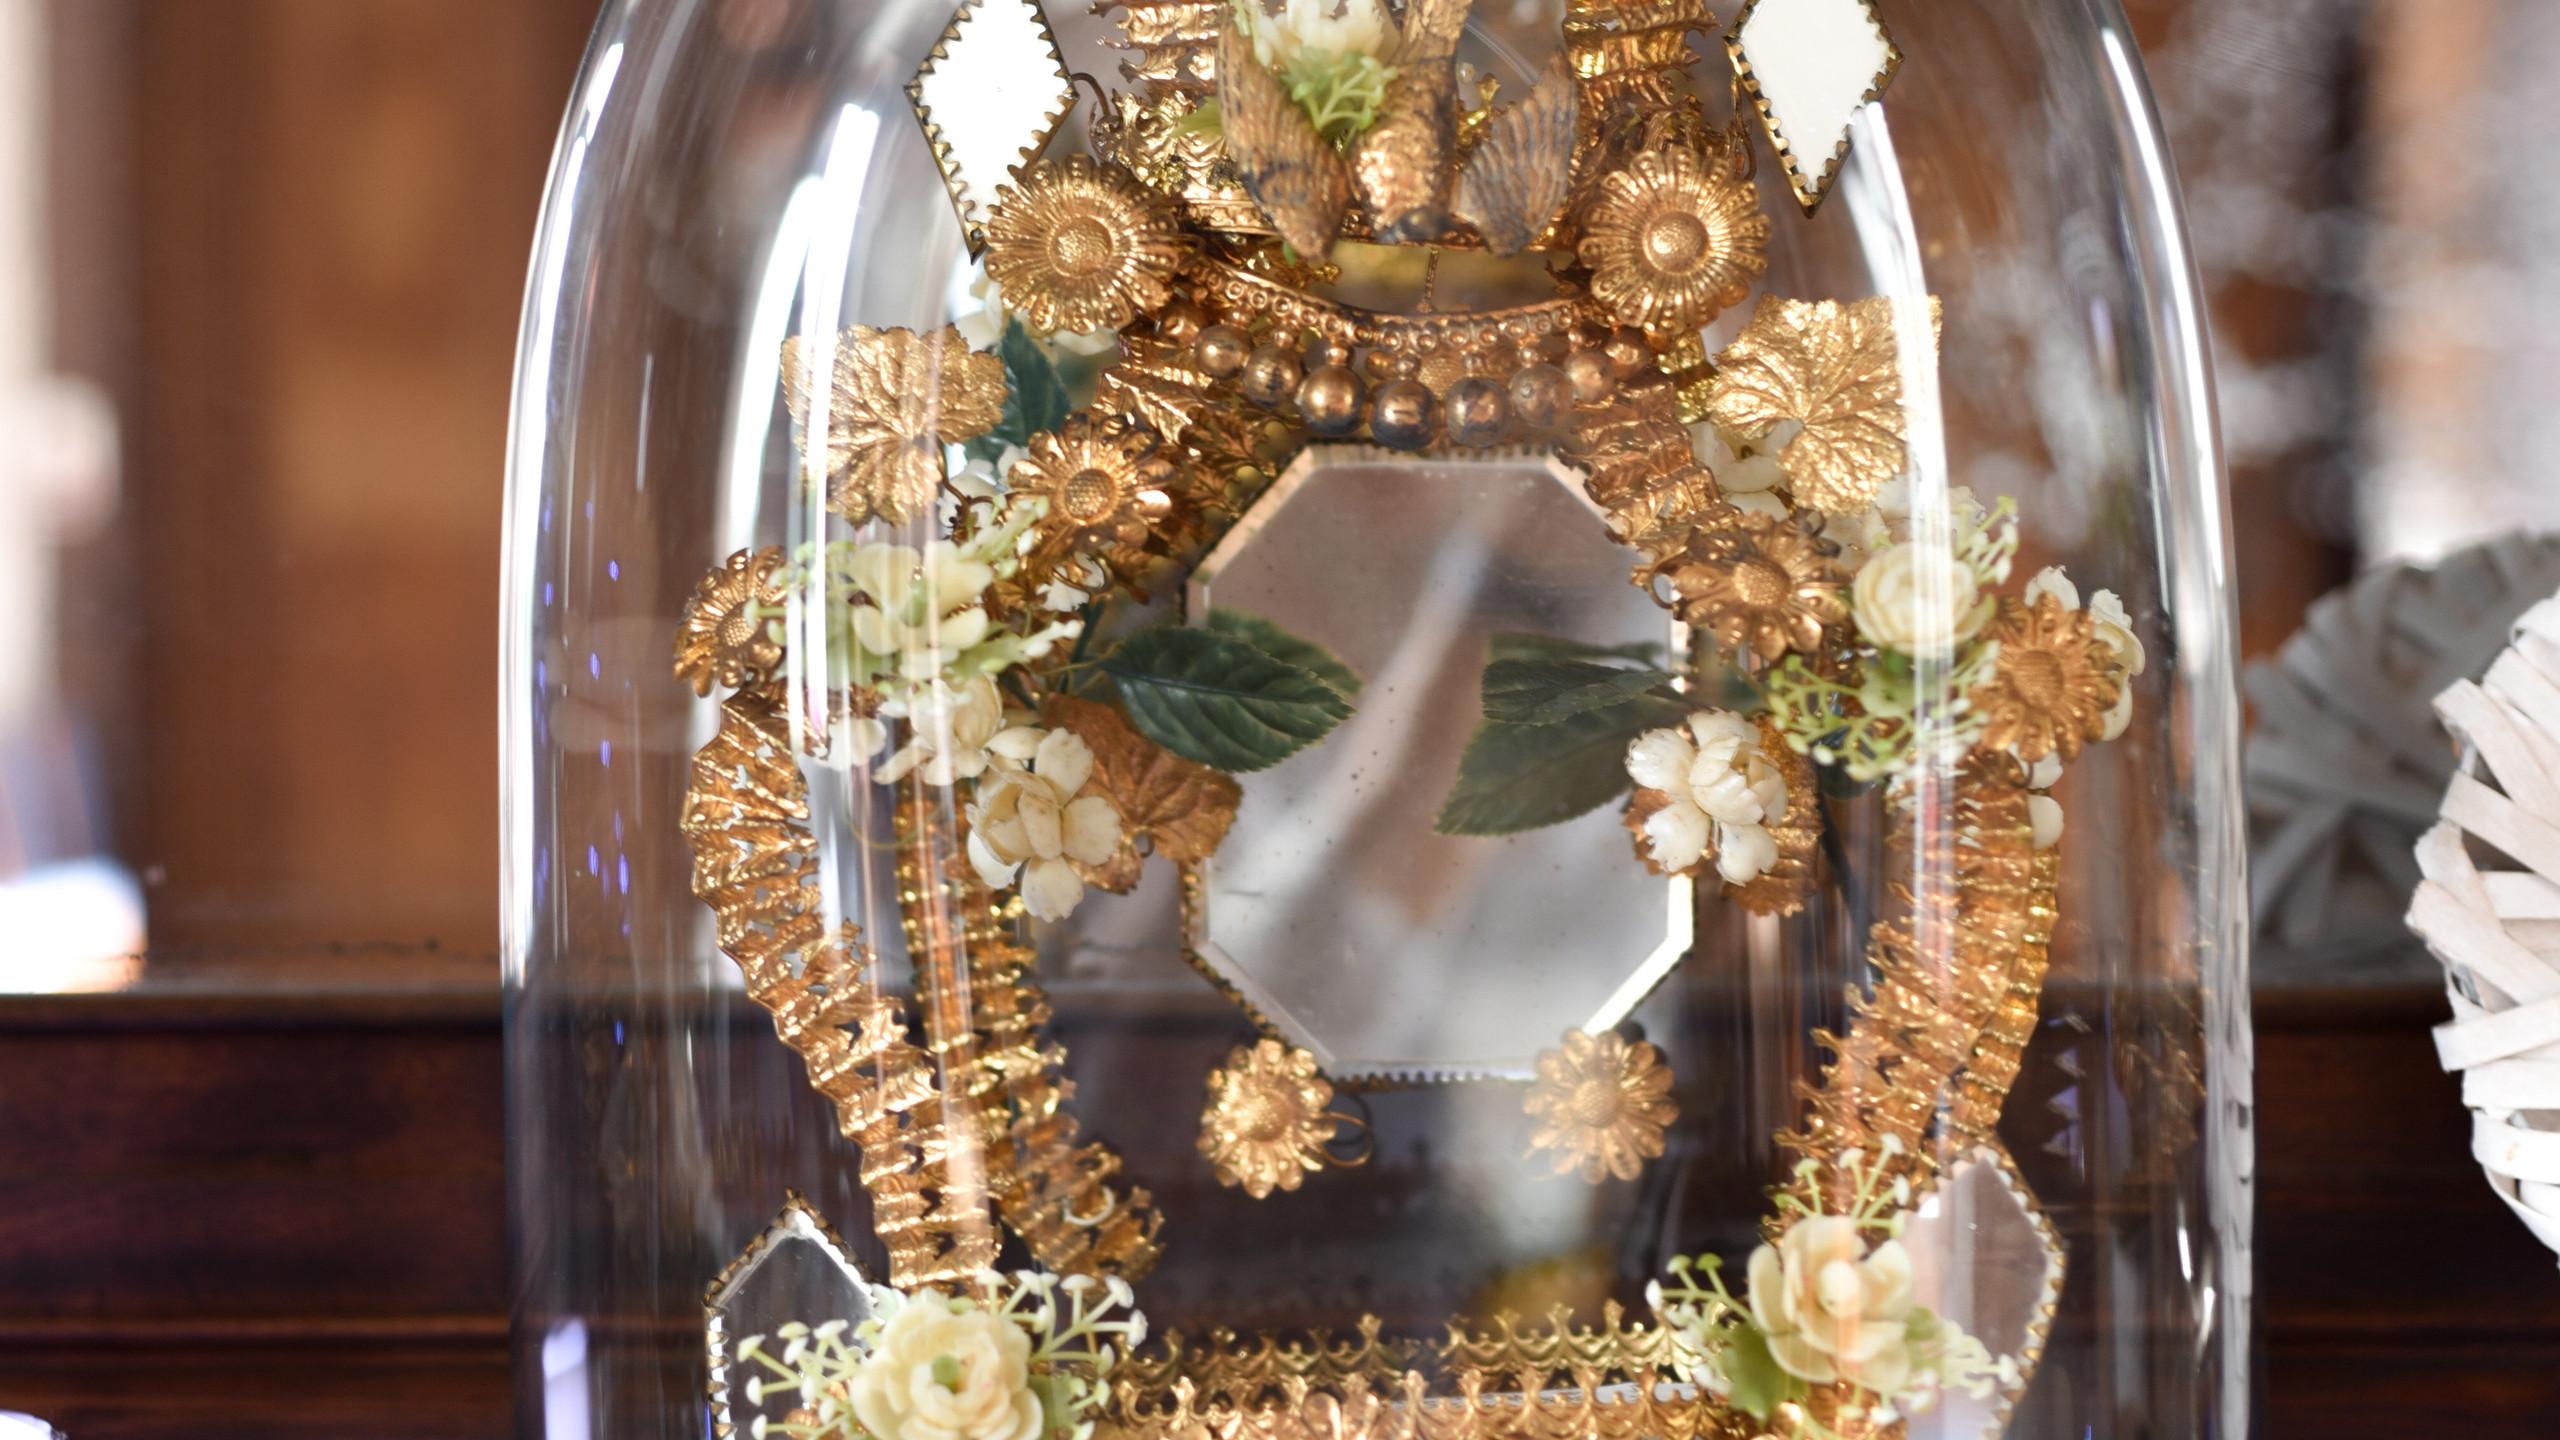 Détail du décor de la cheminée avec le globe de notre famille